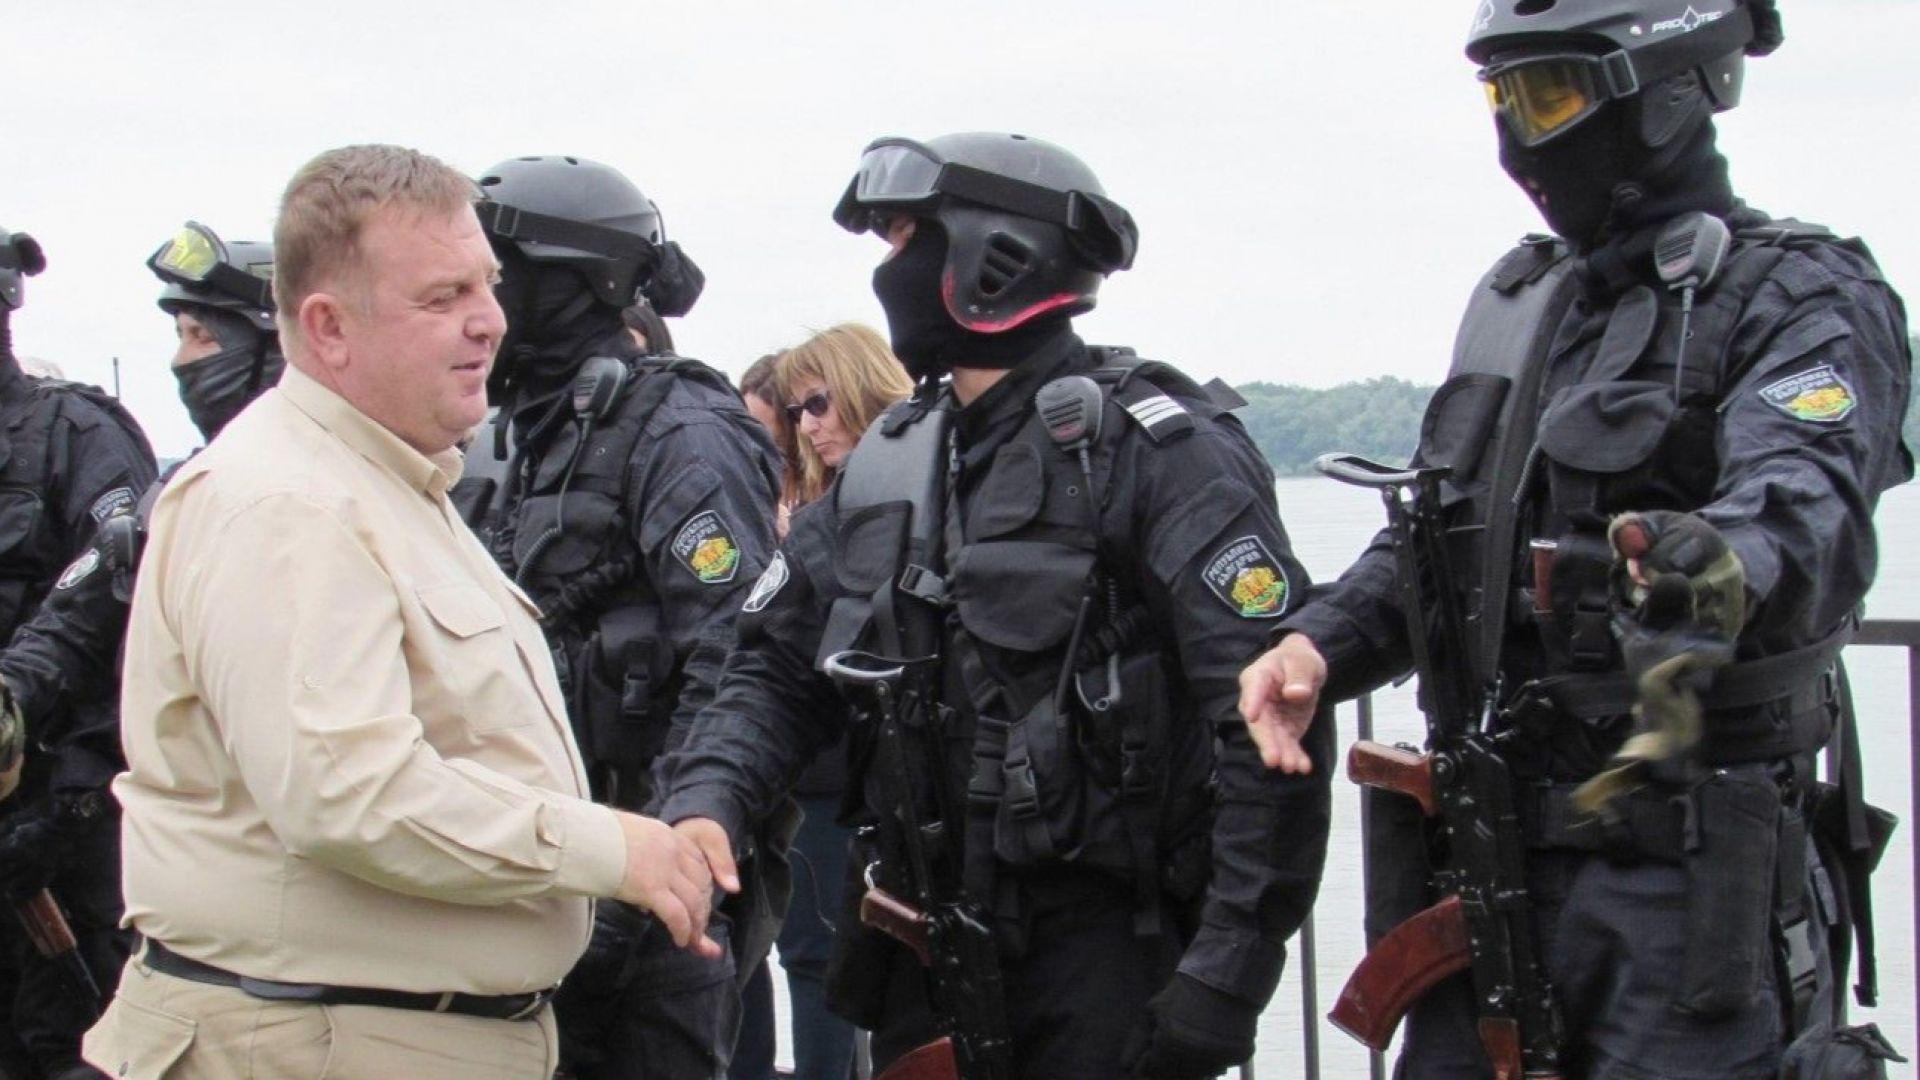 Засега нелегални маси към границата не се придвижват, но сме готови за всеки случай, заяви Каракачанов